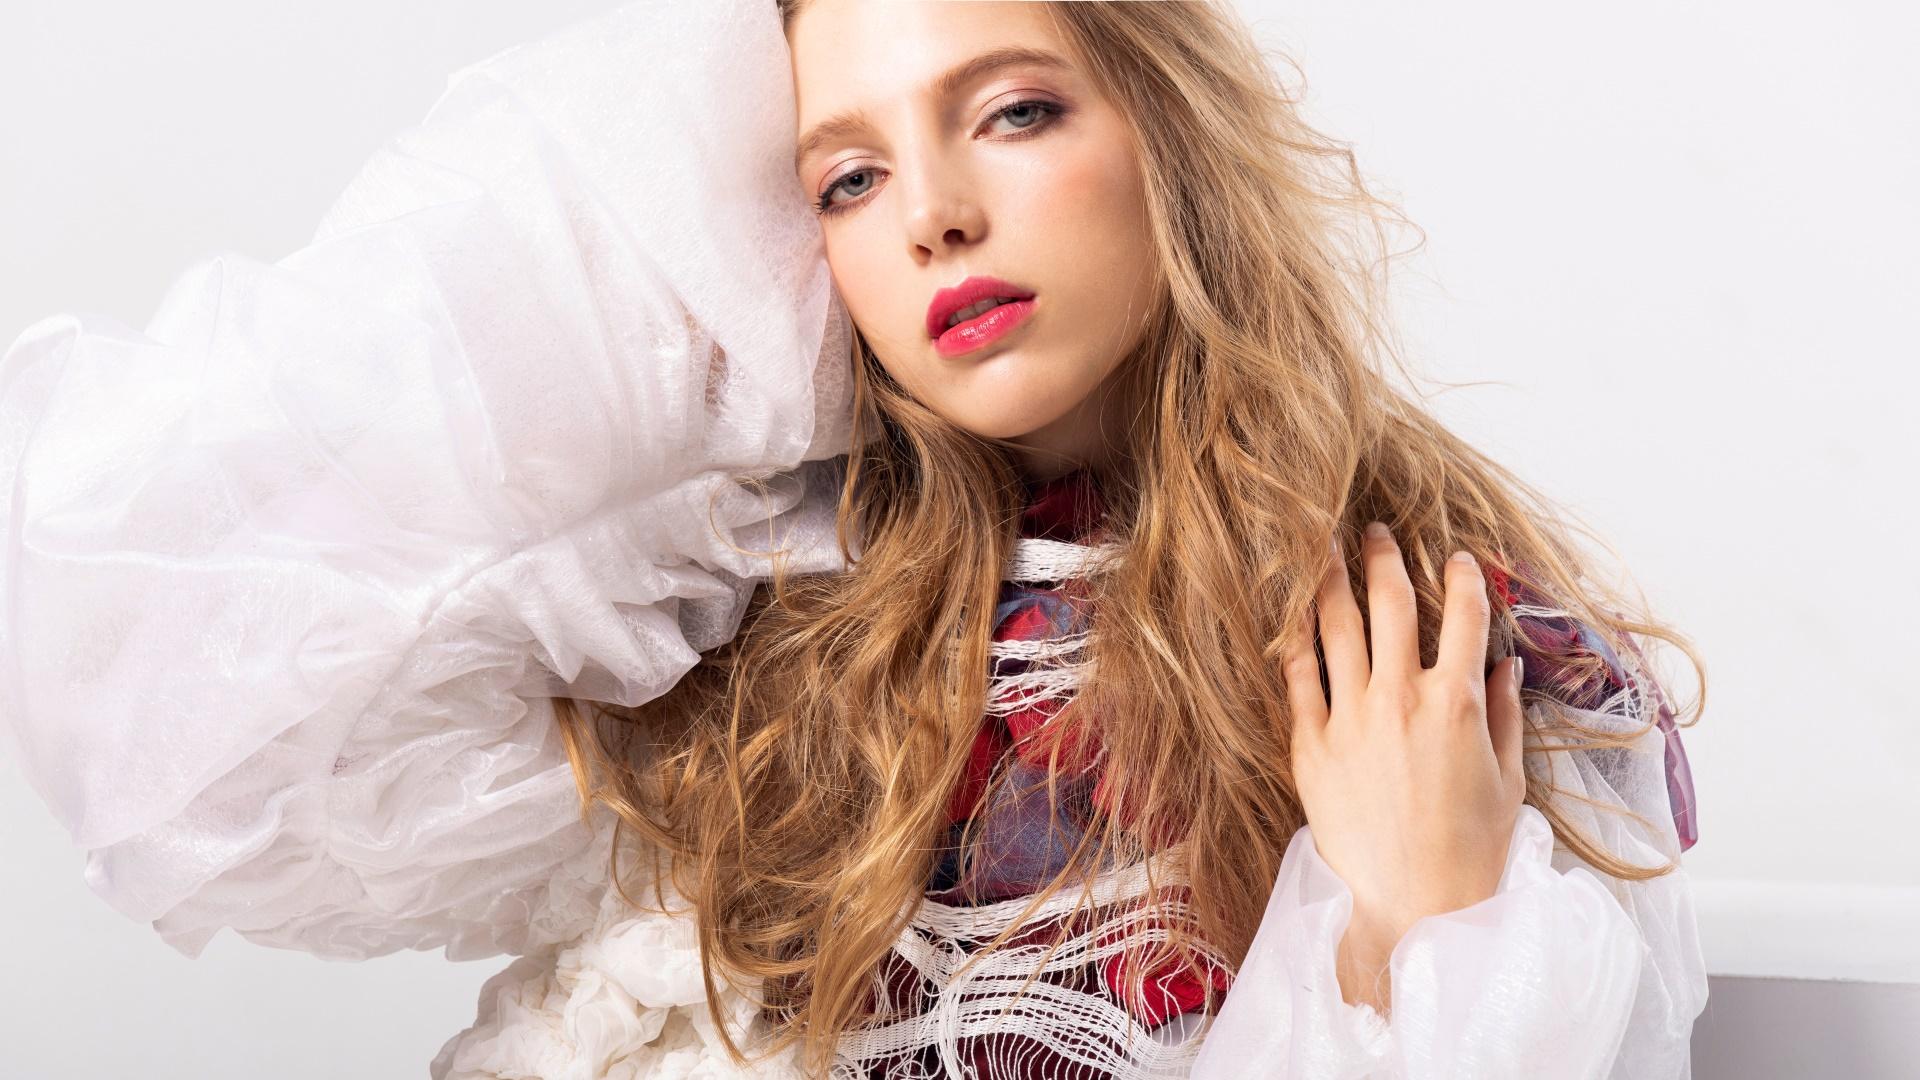 makeup long hair model face women